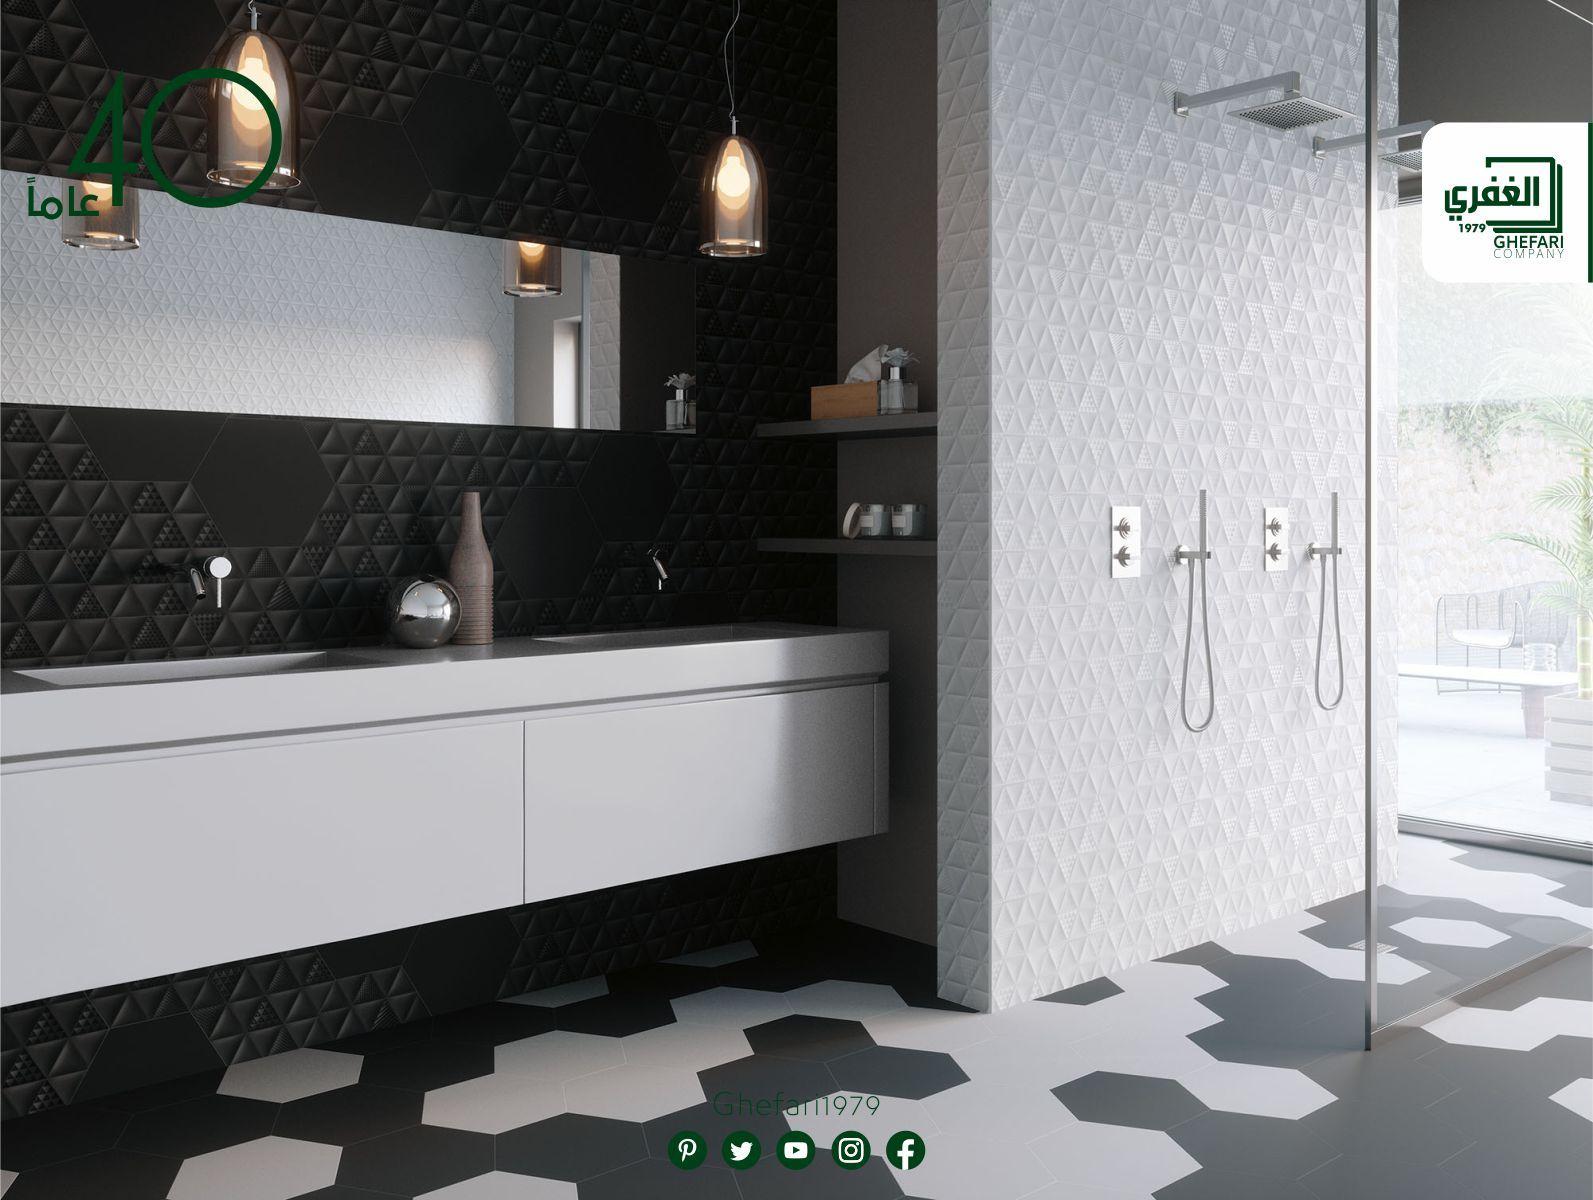 بورسلان حوائط حمامات مطبخ اسباني الصنع مقاس 23x27 للمزيد زورونا على موقع الشركة Https Www Ghefari Com Ar M Flooring Store Tile Stores Dimensional Tile